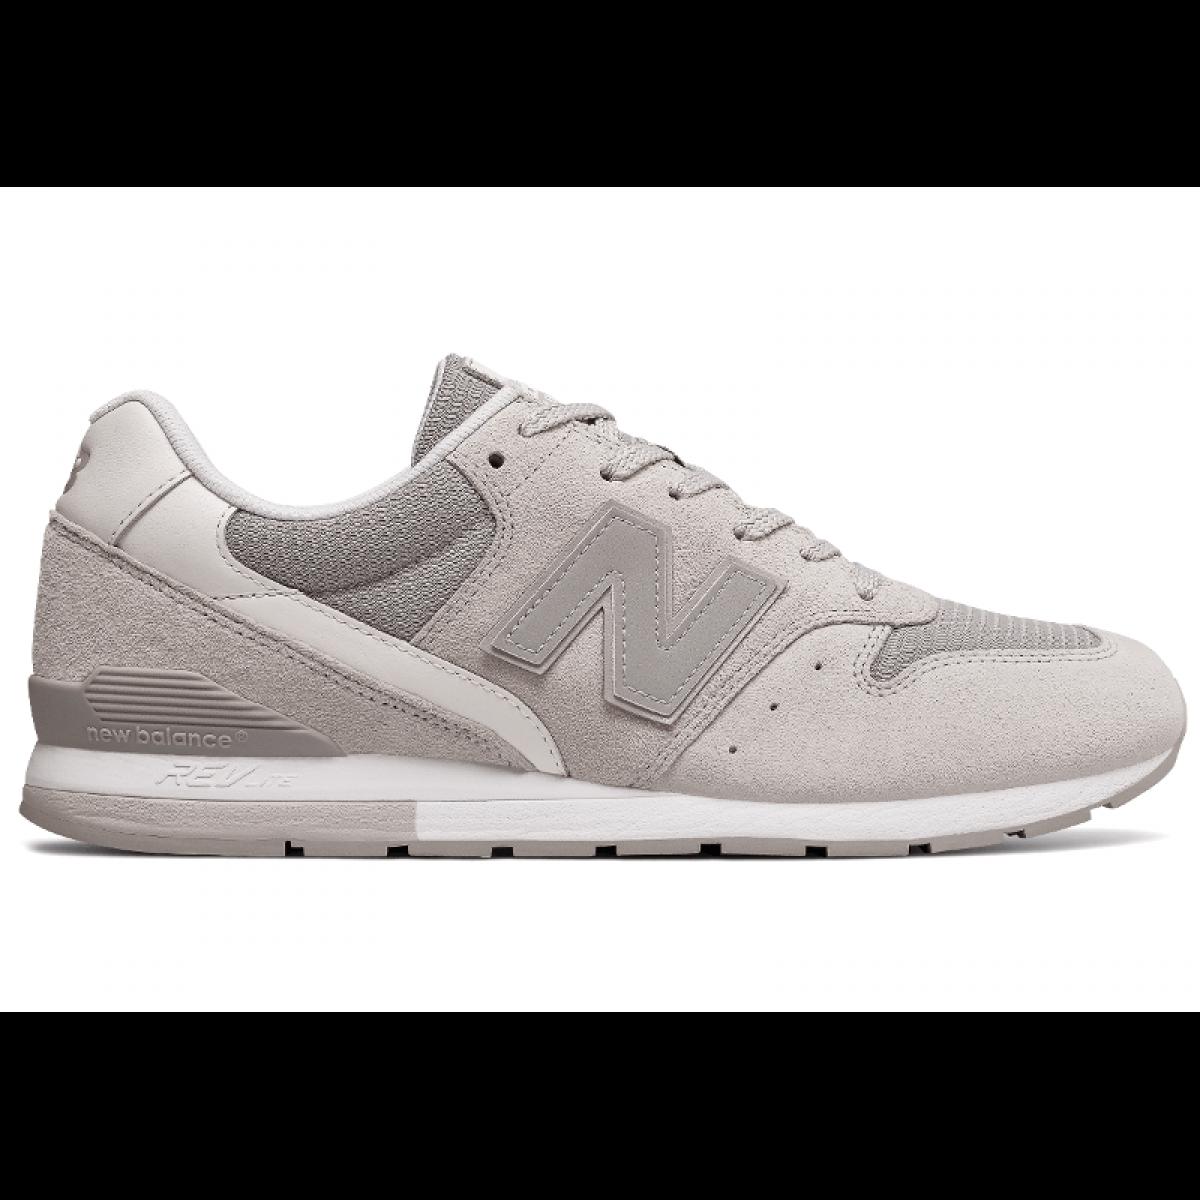 f1aeb286 Оригинальные мужские кроссовки NEW BALANCE 996: продажа, цена в ...